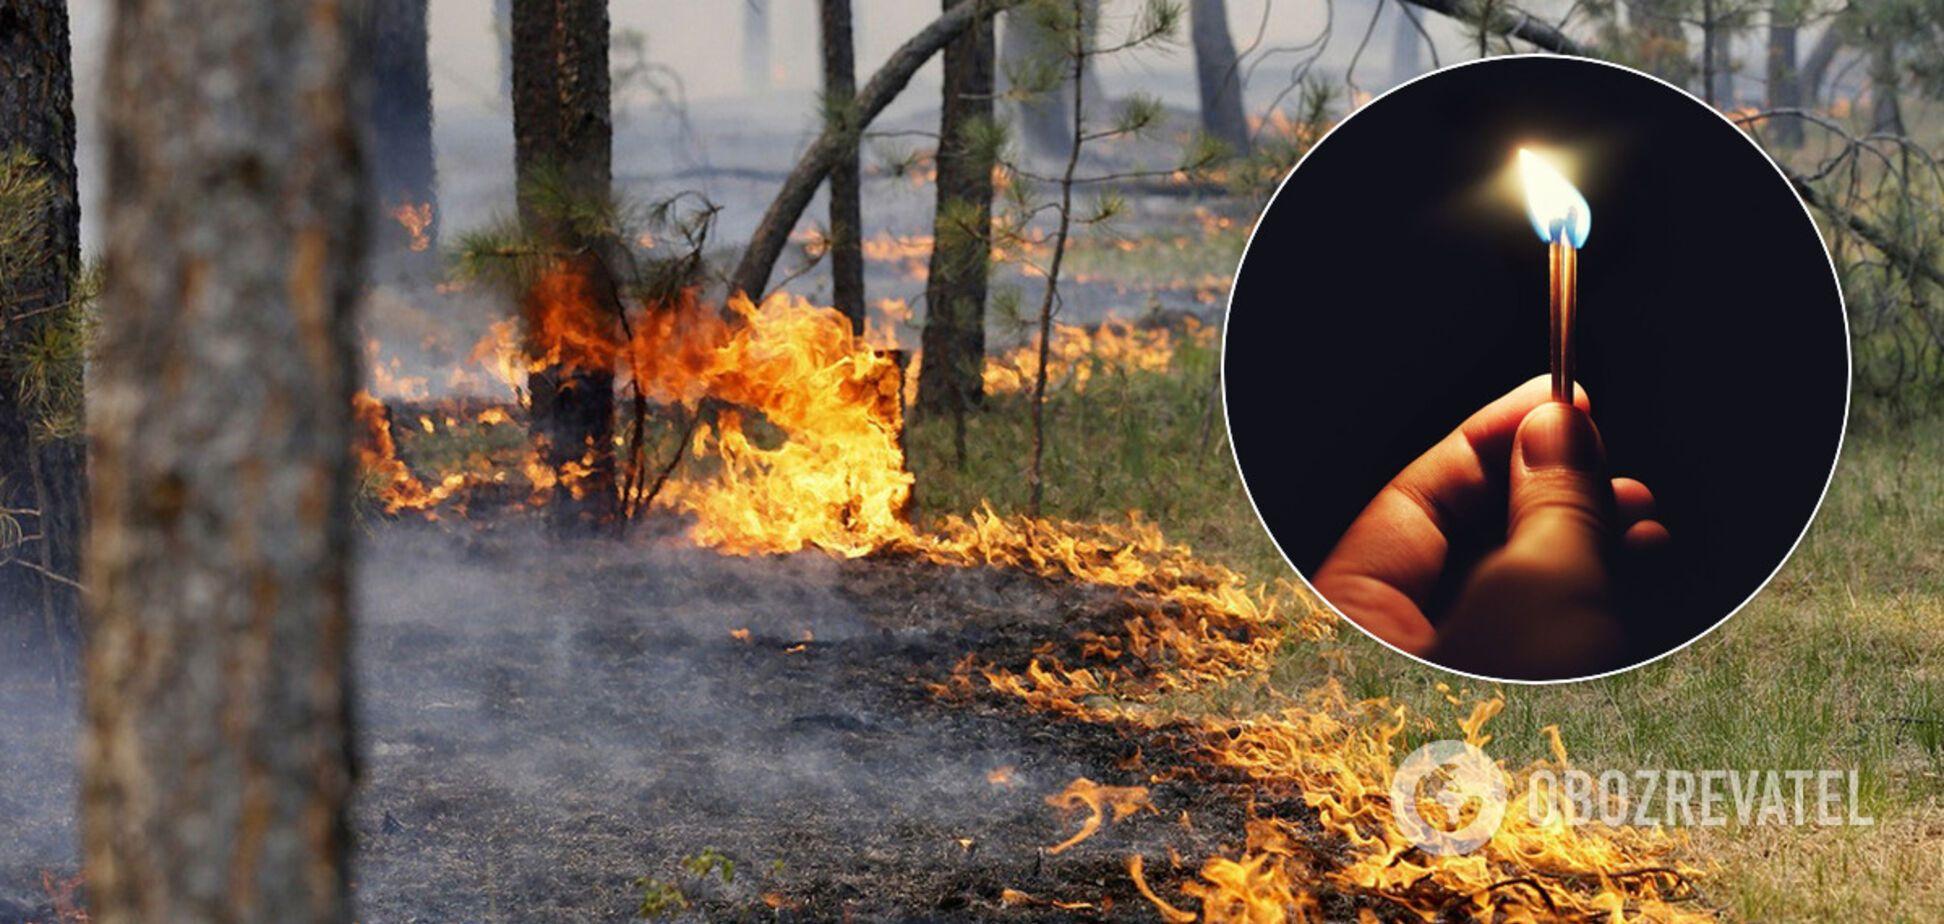 Сгорели сотни животных, гибнут люди: эколог рассказал об ужасающей ситуации в Украине